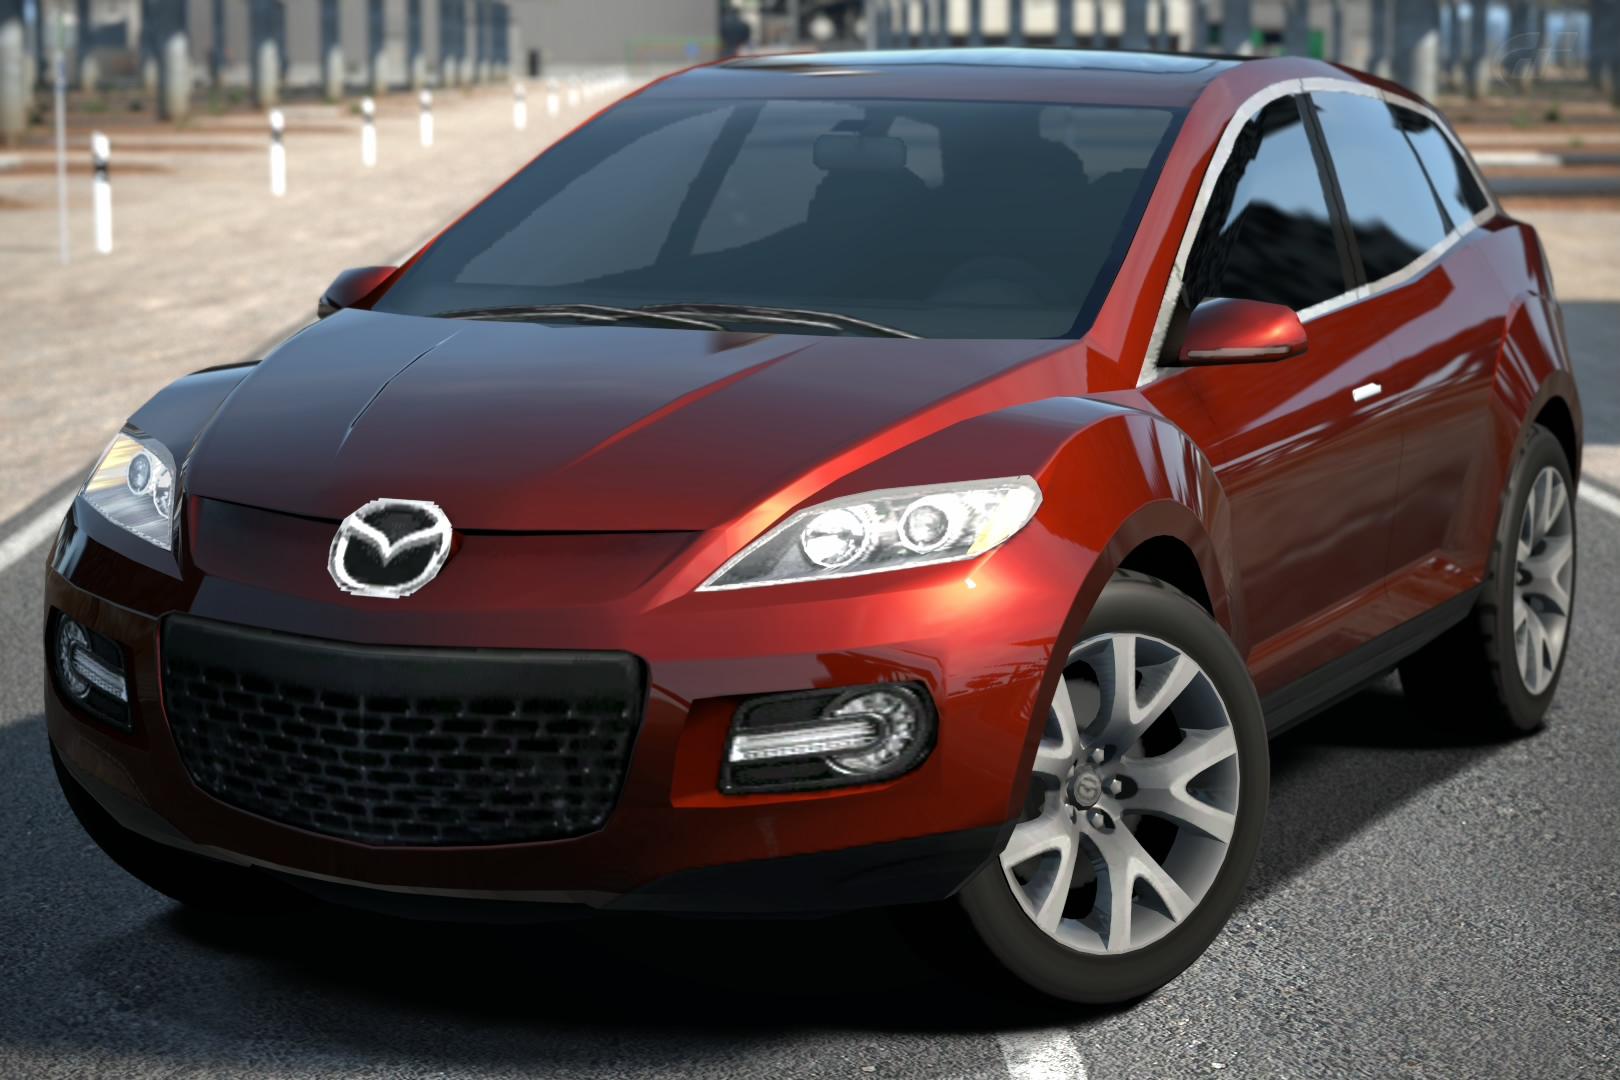 Mazda MX-Crossport Concept \'05 | Gran Turismo Wiki | FANDOM powered ...